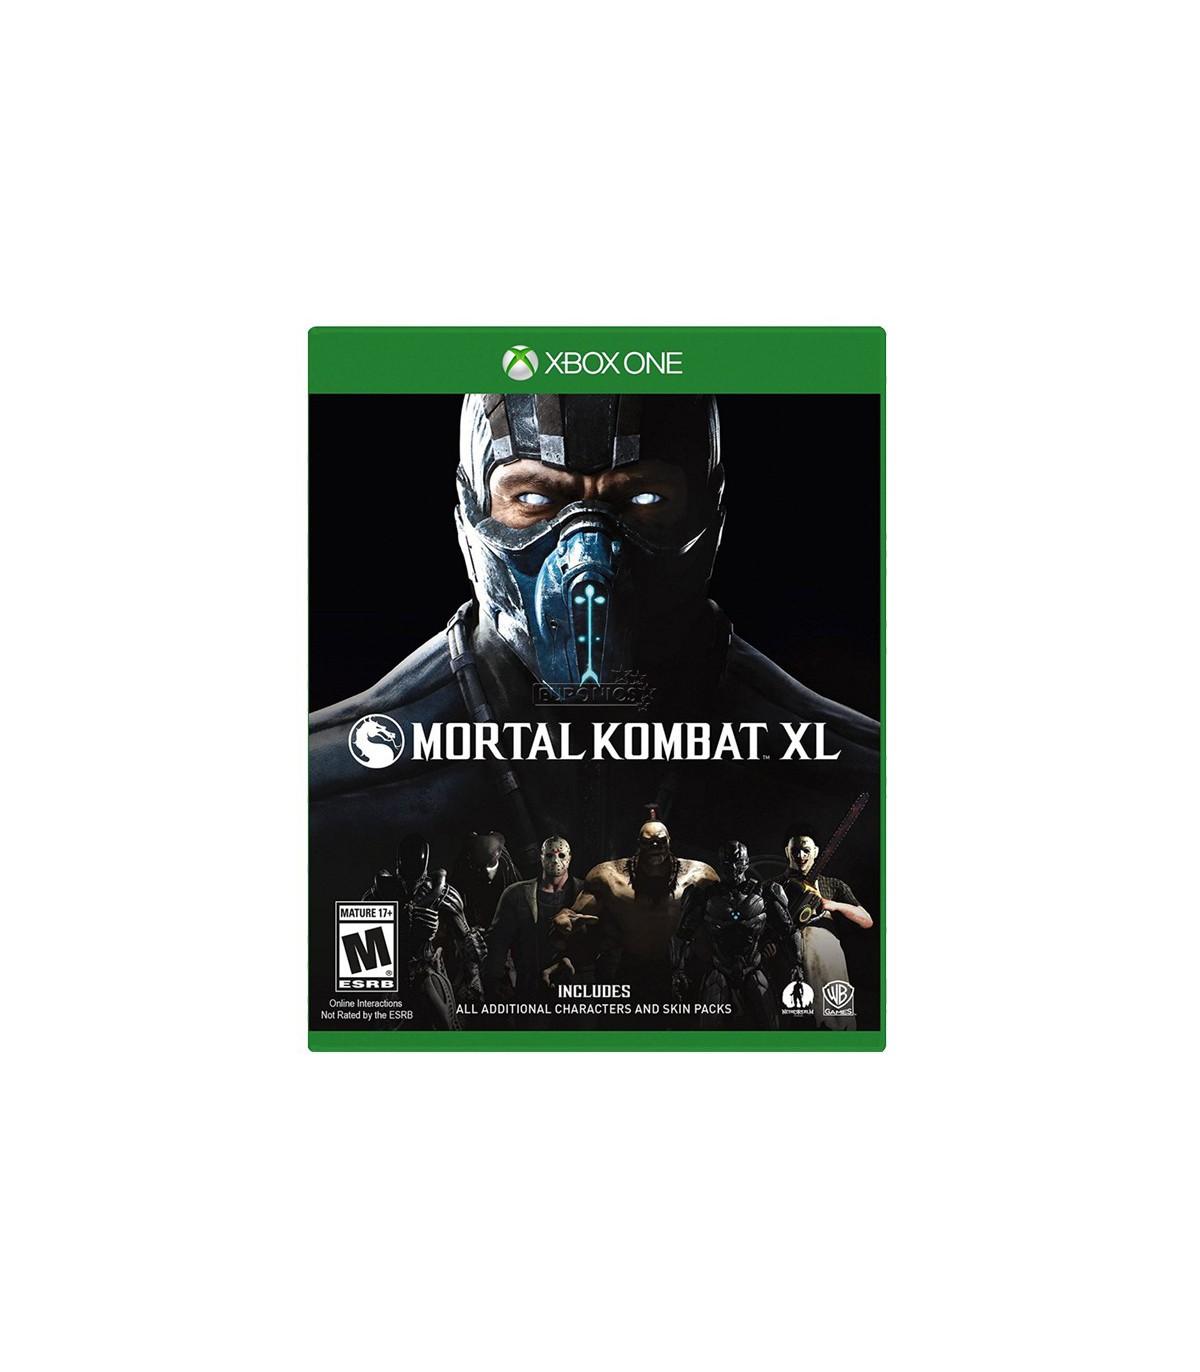 بازی Mortal Kombat XL کارکرده - ایکس باکس وان